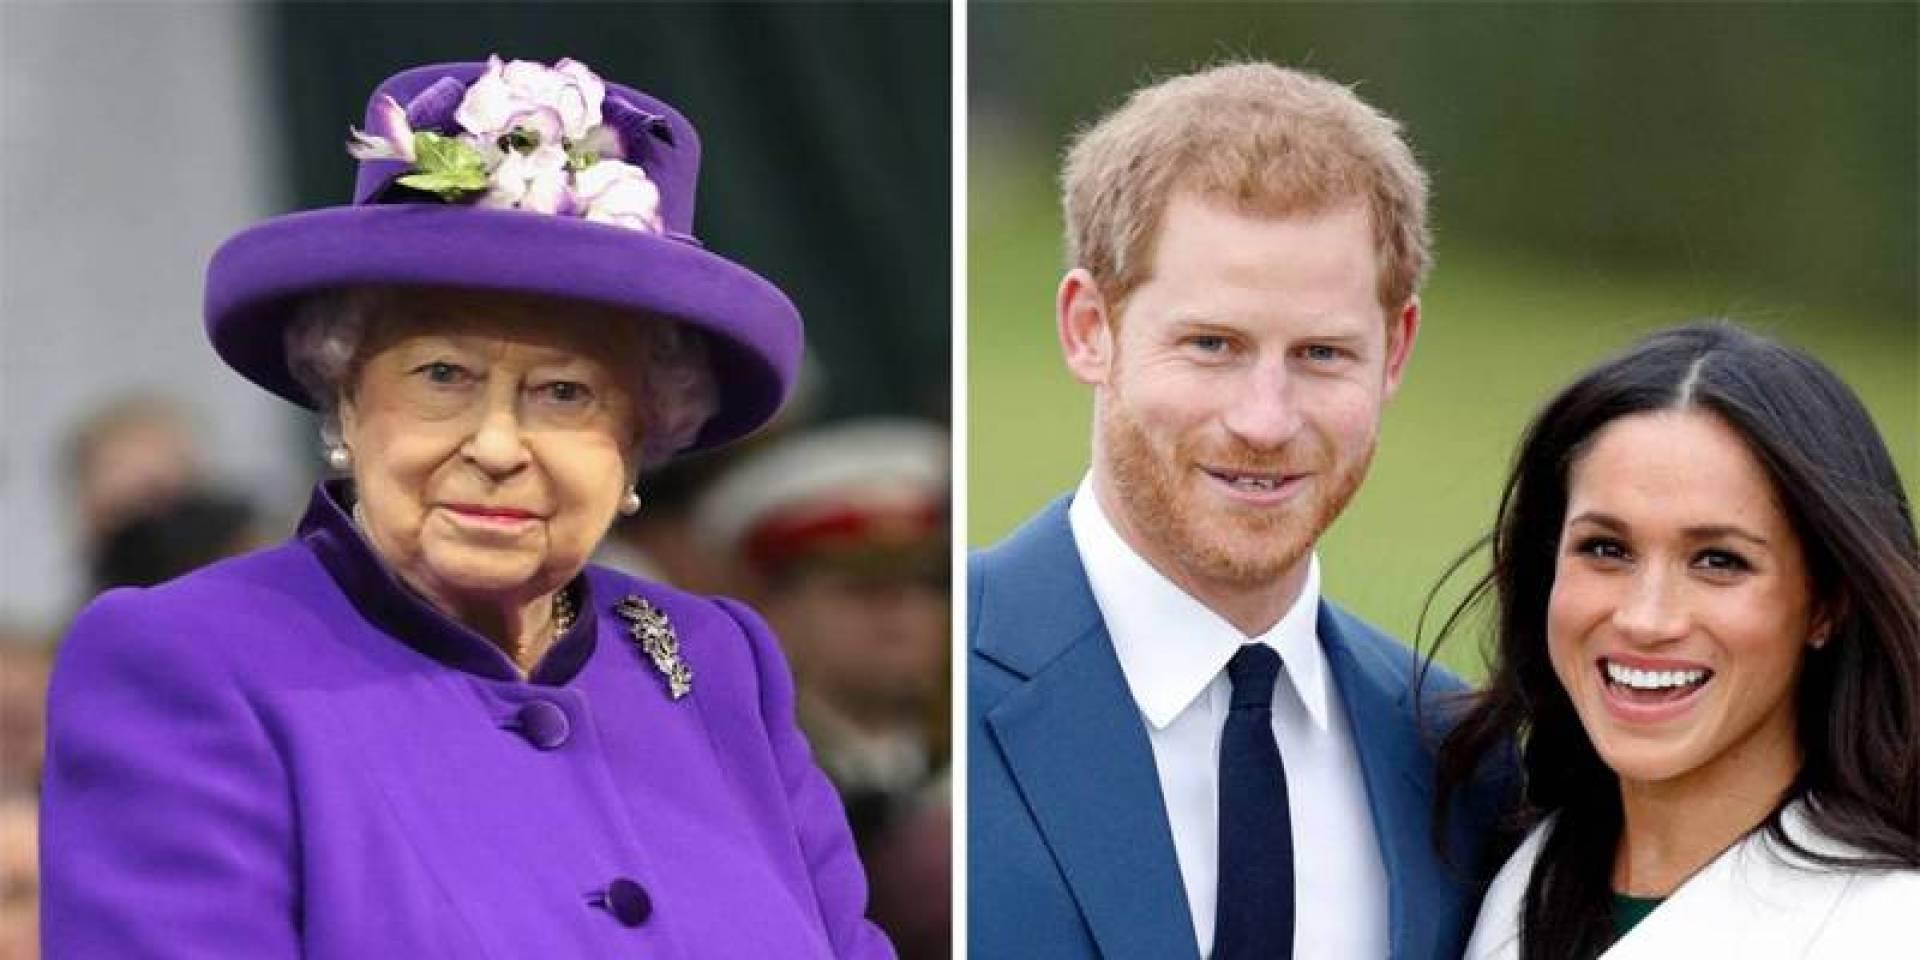 ملكة بريطانيا توافق على تخلي الأمير هاري وميغان عن مهامهما الملكية